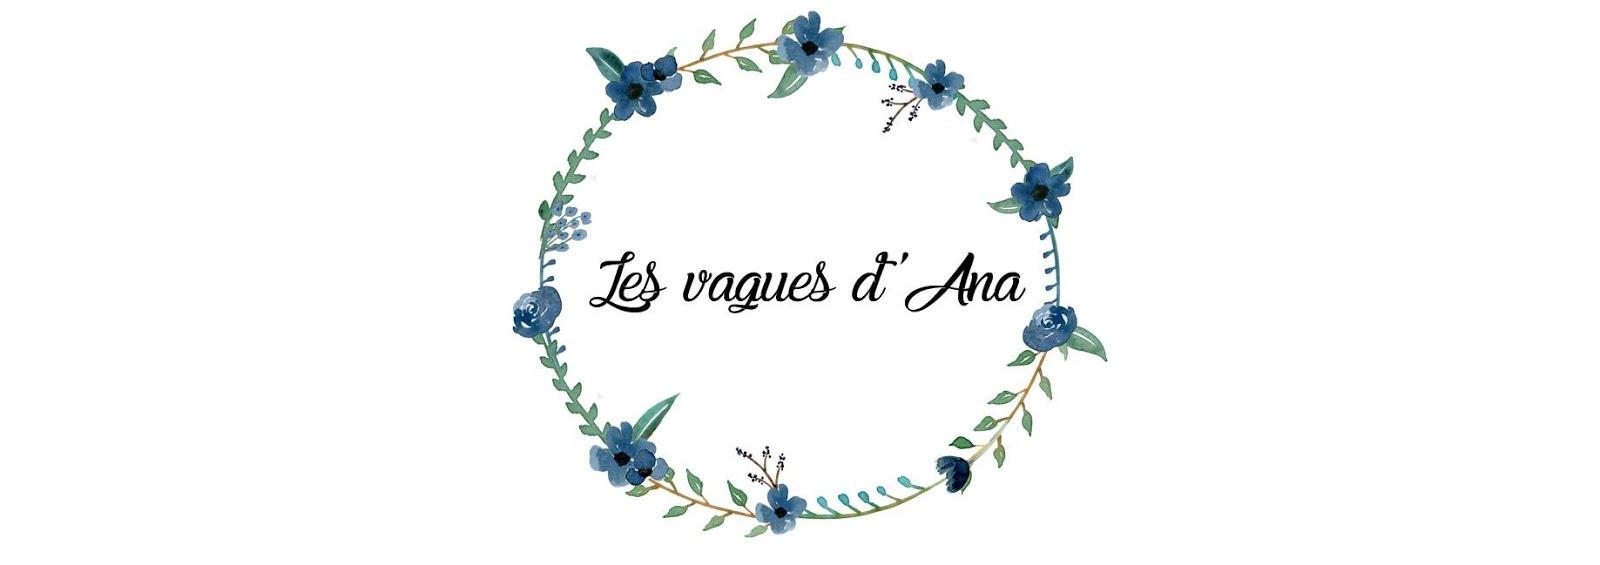 Les vagues d'Ana